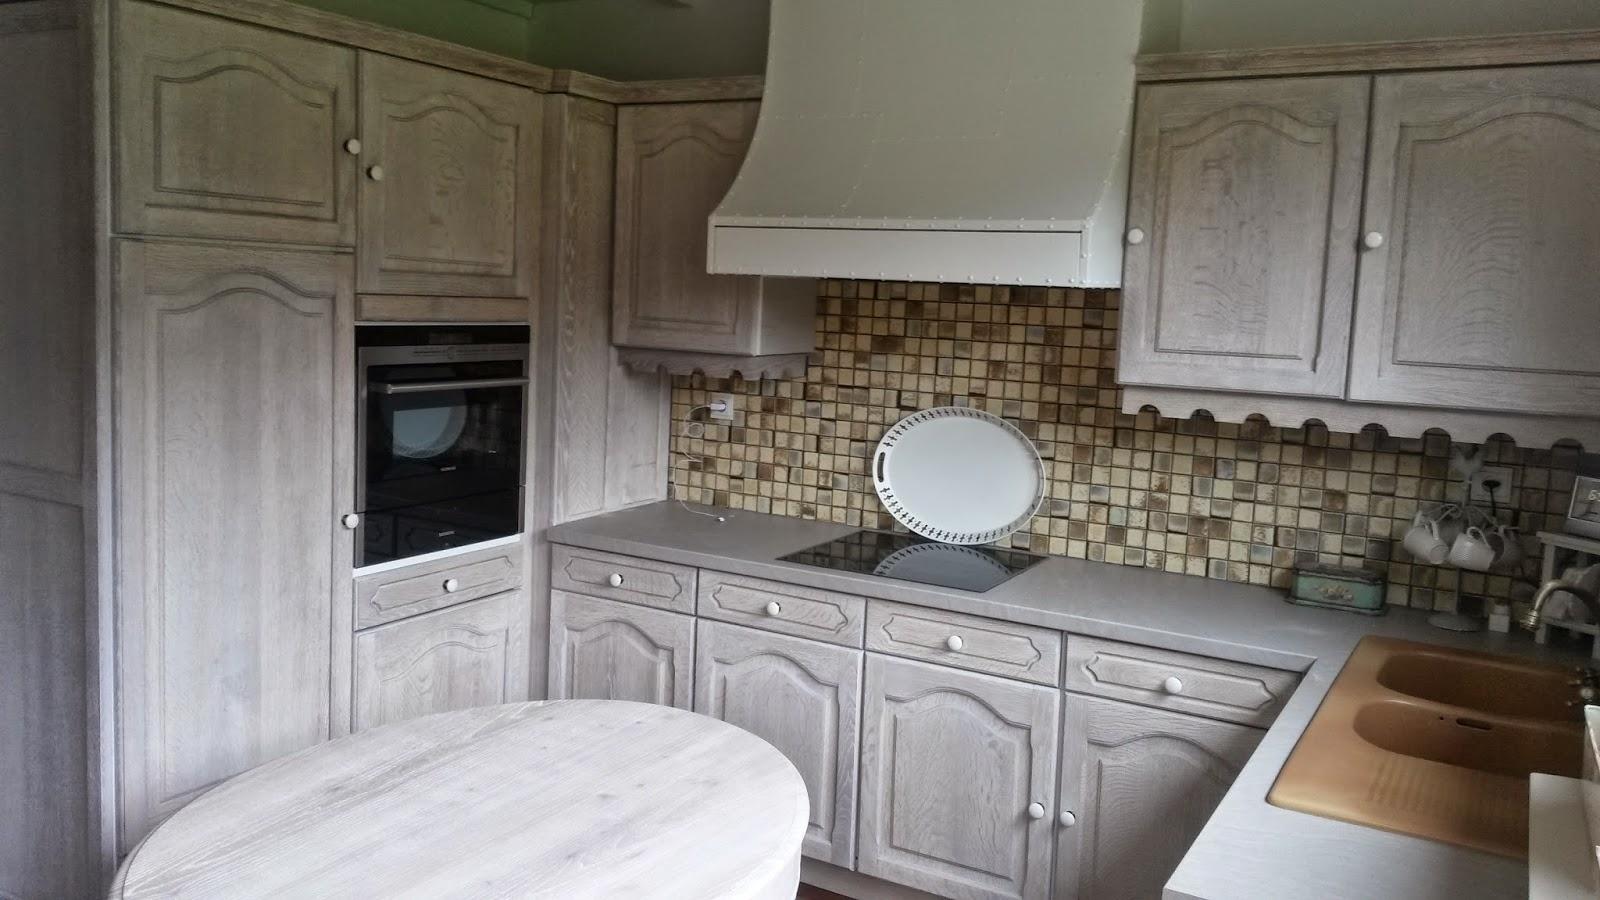 Eiken Keuken Opknappen : Renovatie van eiken keukens renovatie van een eiken keuken te